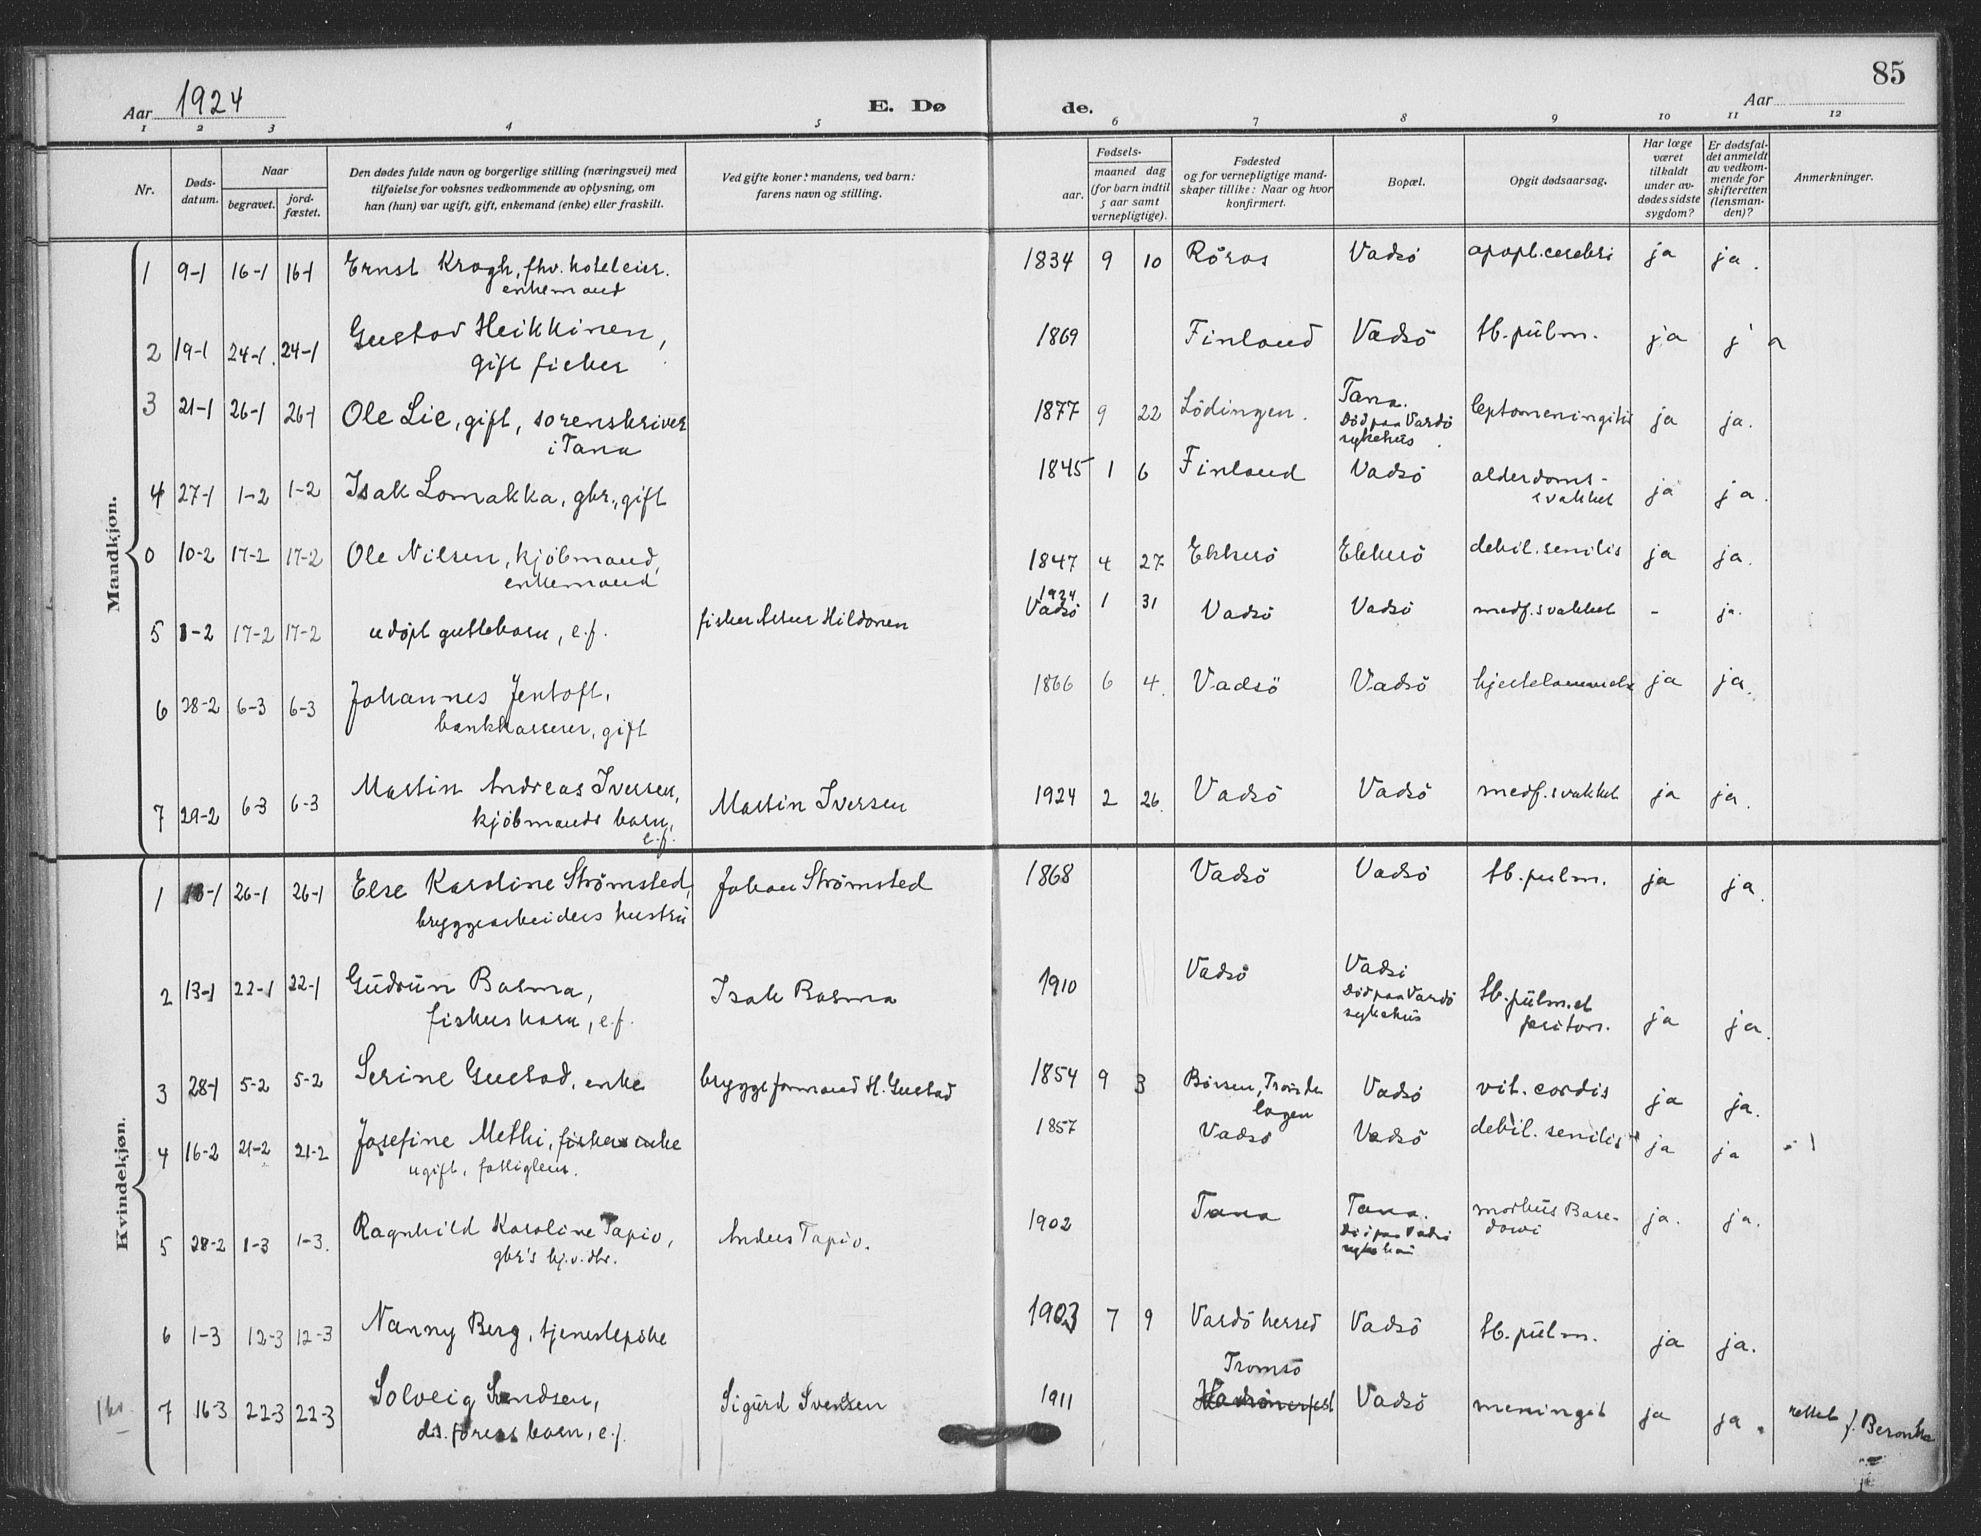 SATØ, Vadsø sokneprestkontor, H/Ha/L0008kirke: Ministerialbok nr. 8, 1912-1930, s. 85